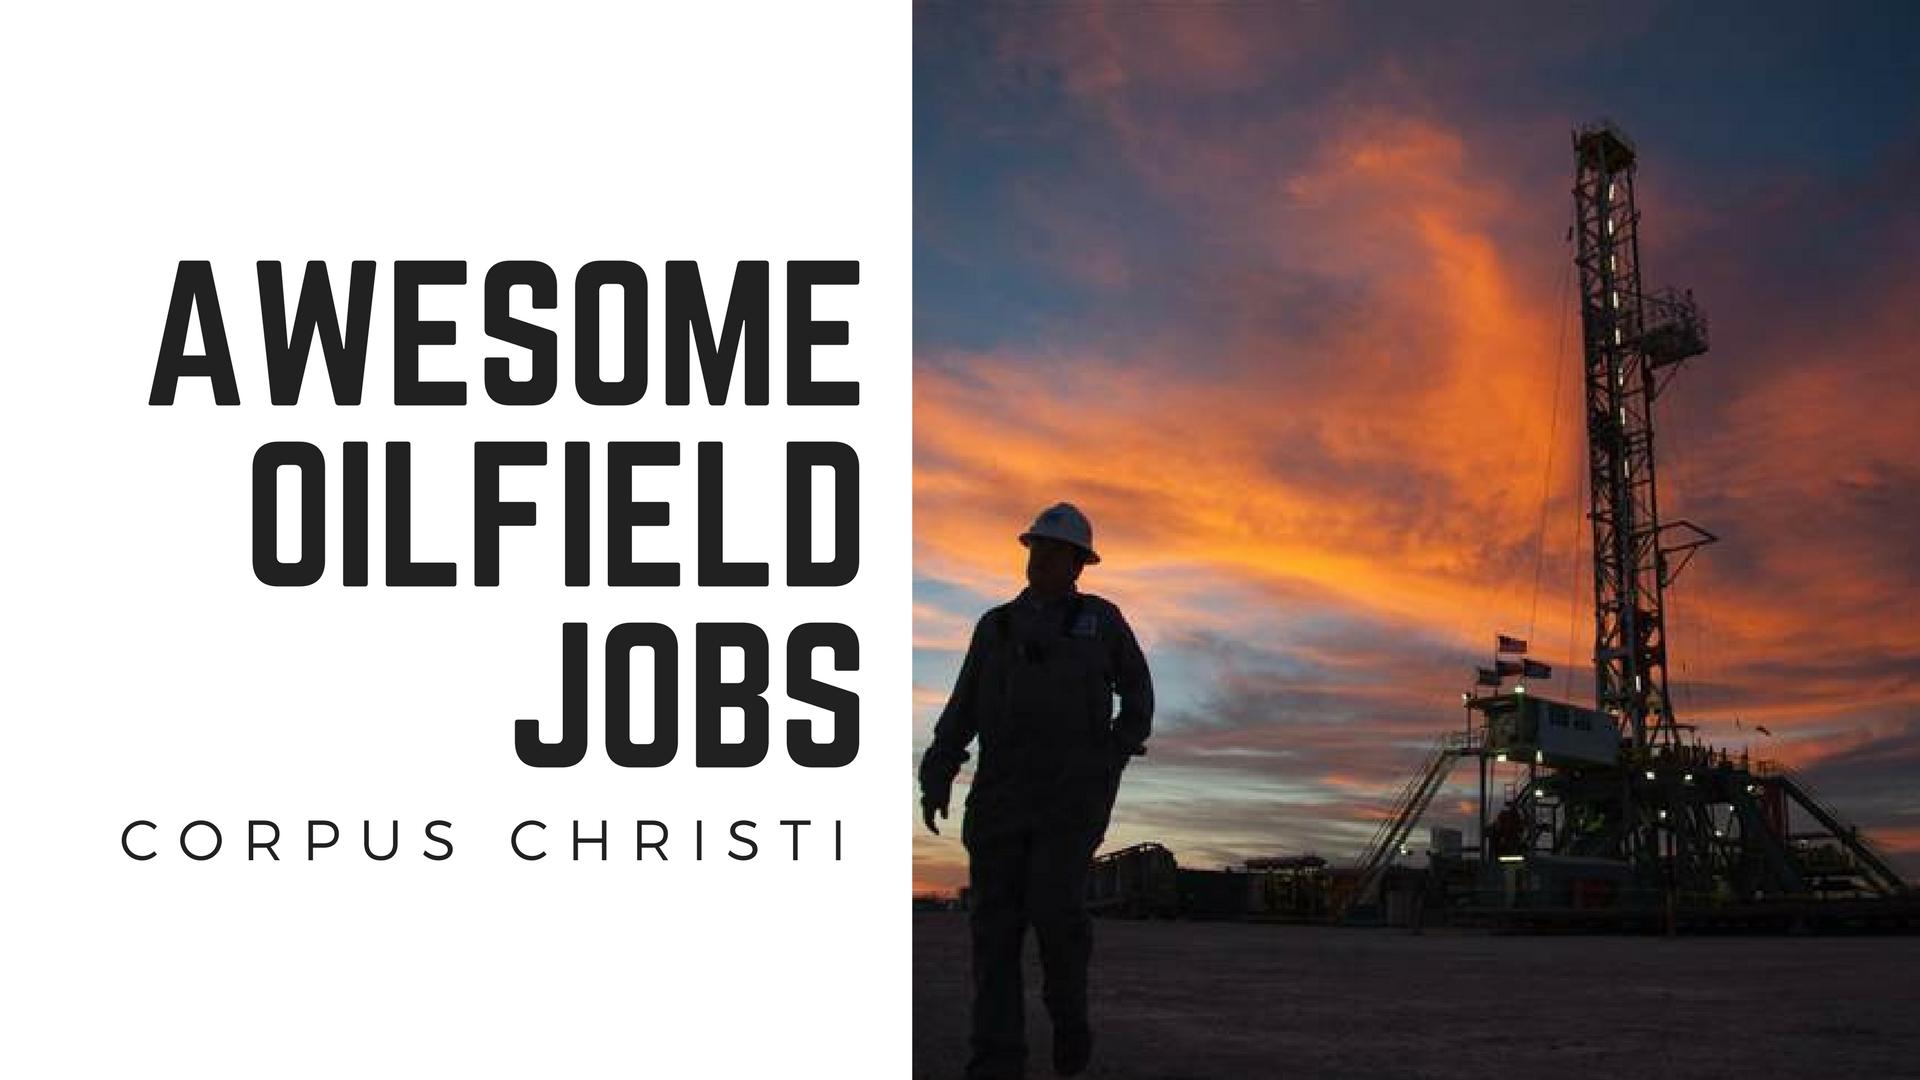 Awesome Oilfield Jobs Near Corpus Christi Oilfield1